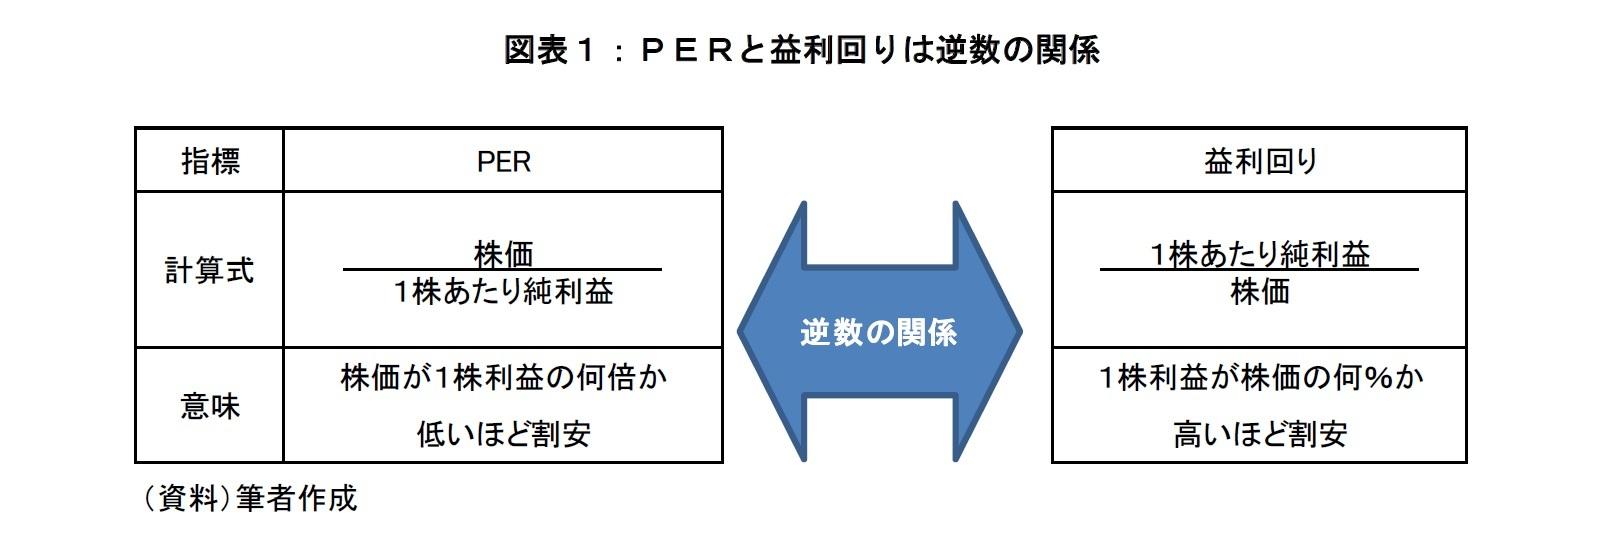 図表1:PERと益利回りは逆数の関係